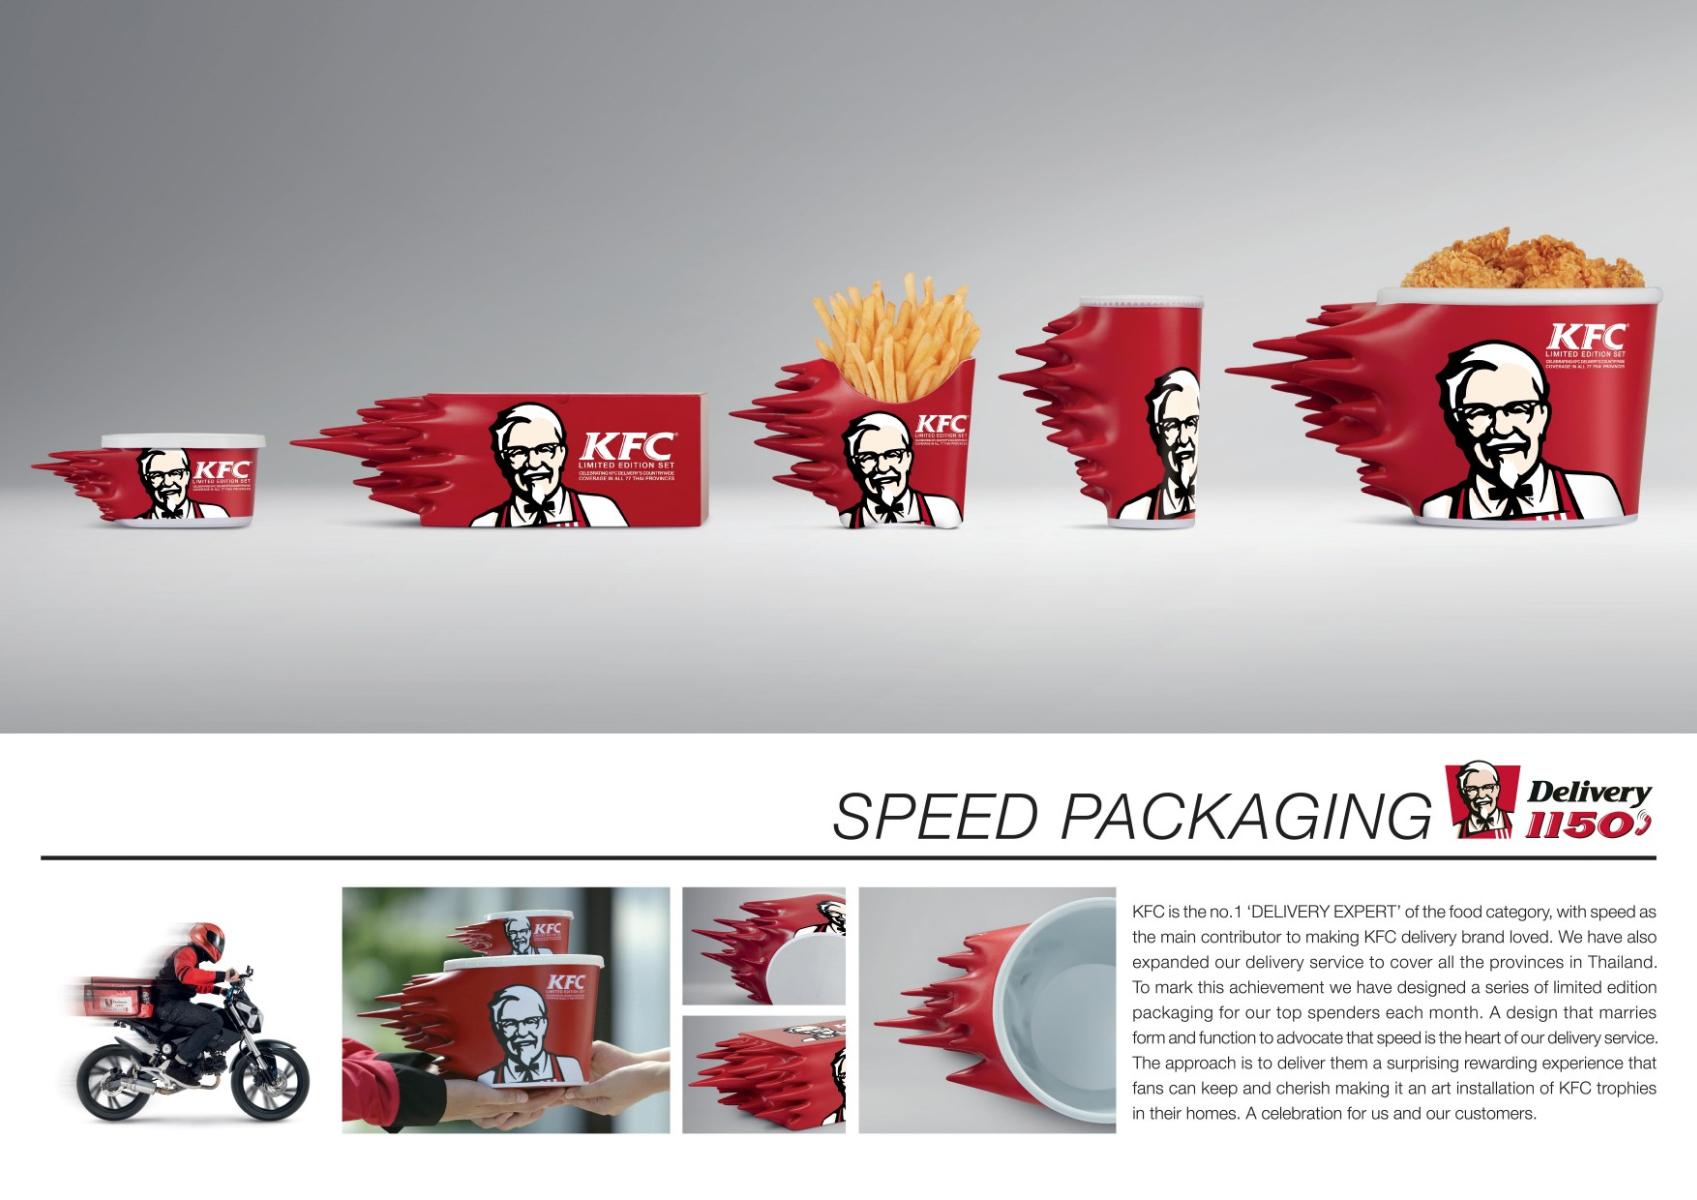 """KFC'den """"Hıza"""" Vurgu Yapan Yeni Paketler!"""